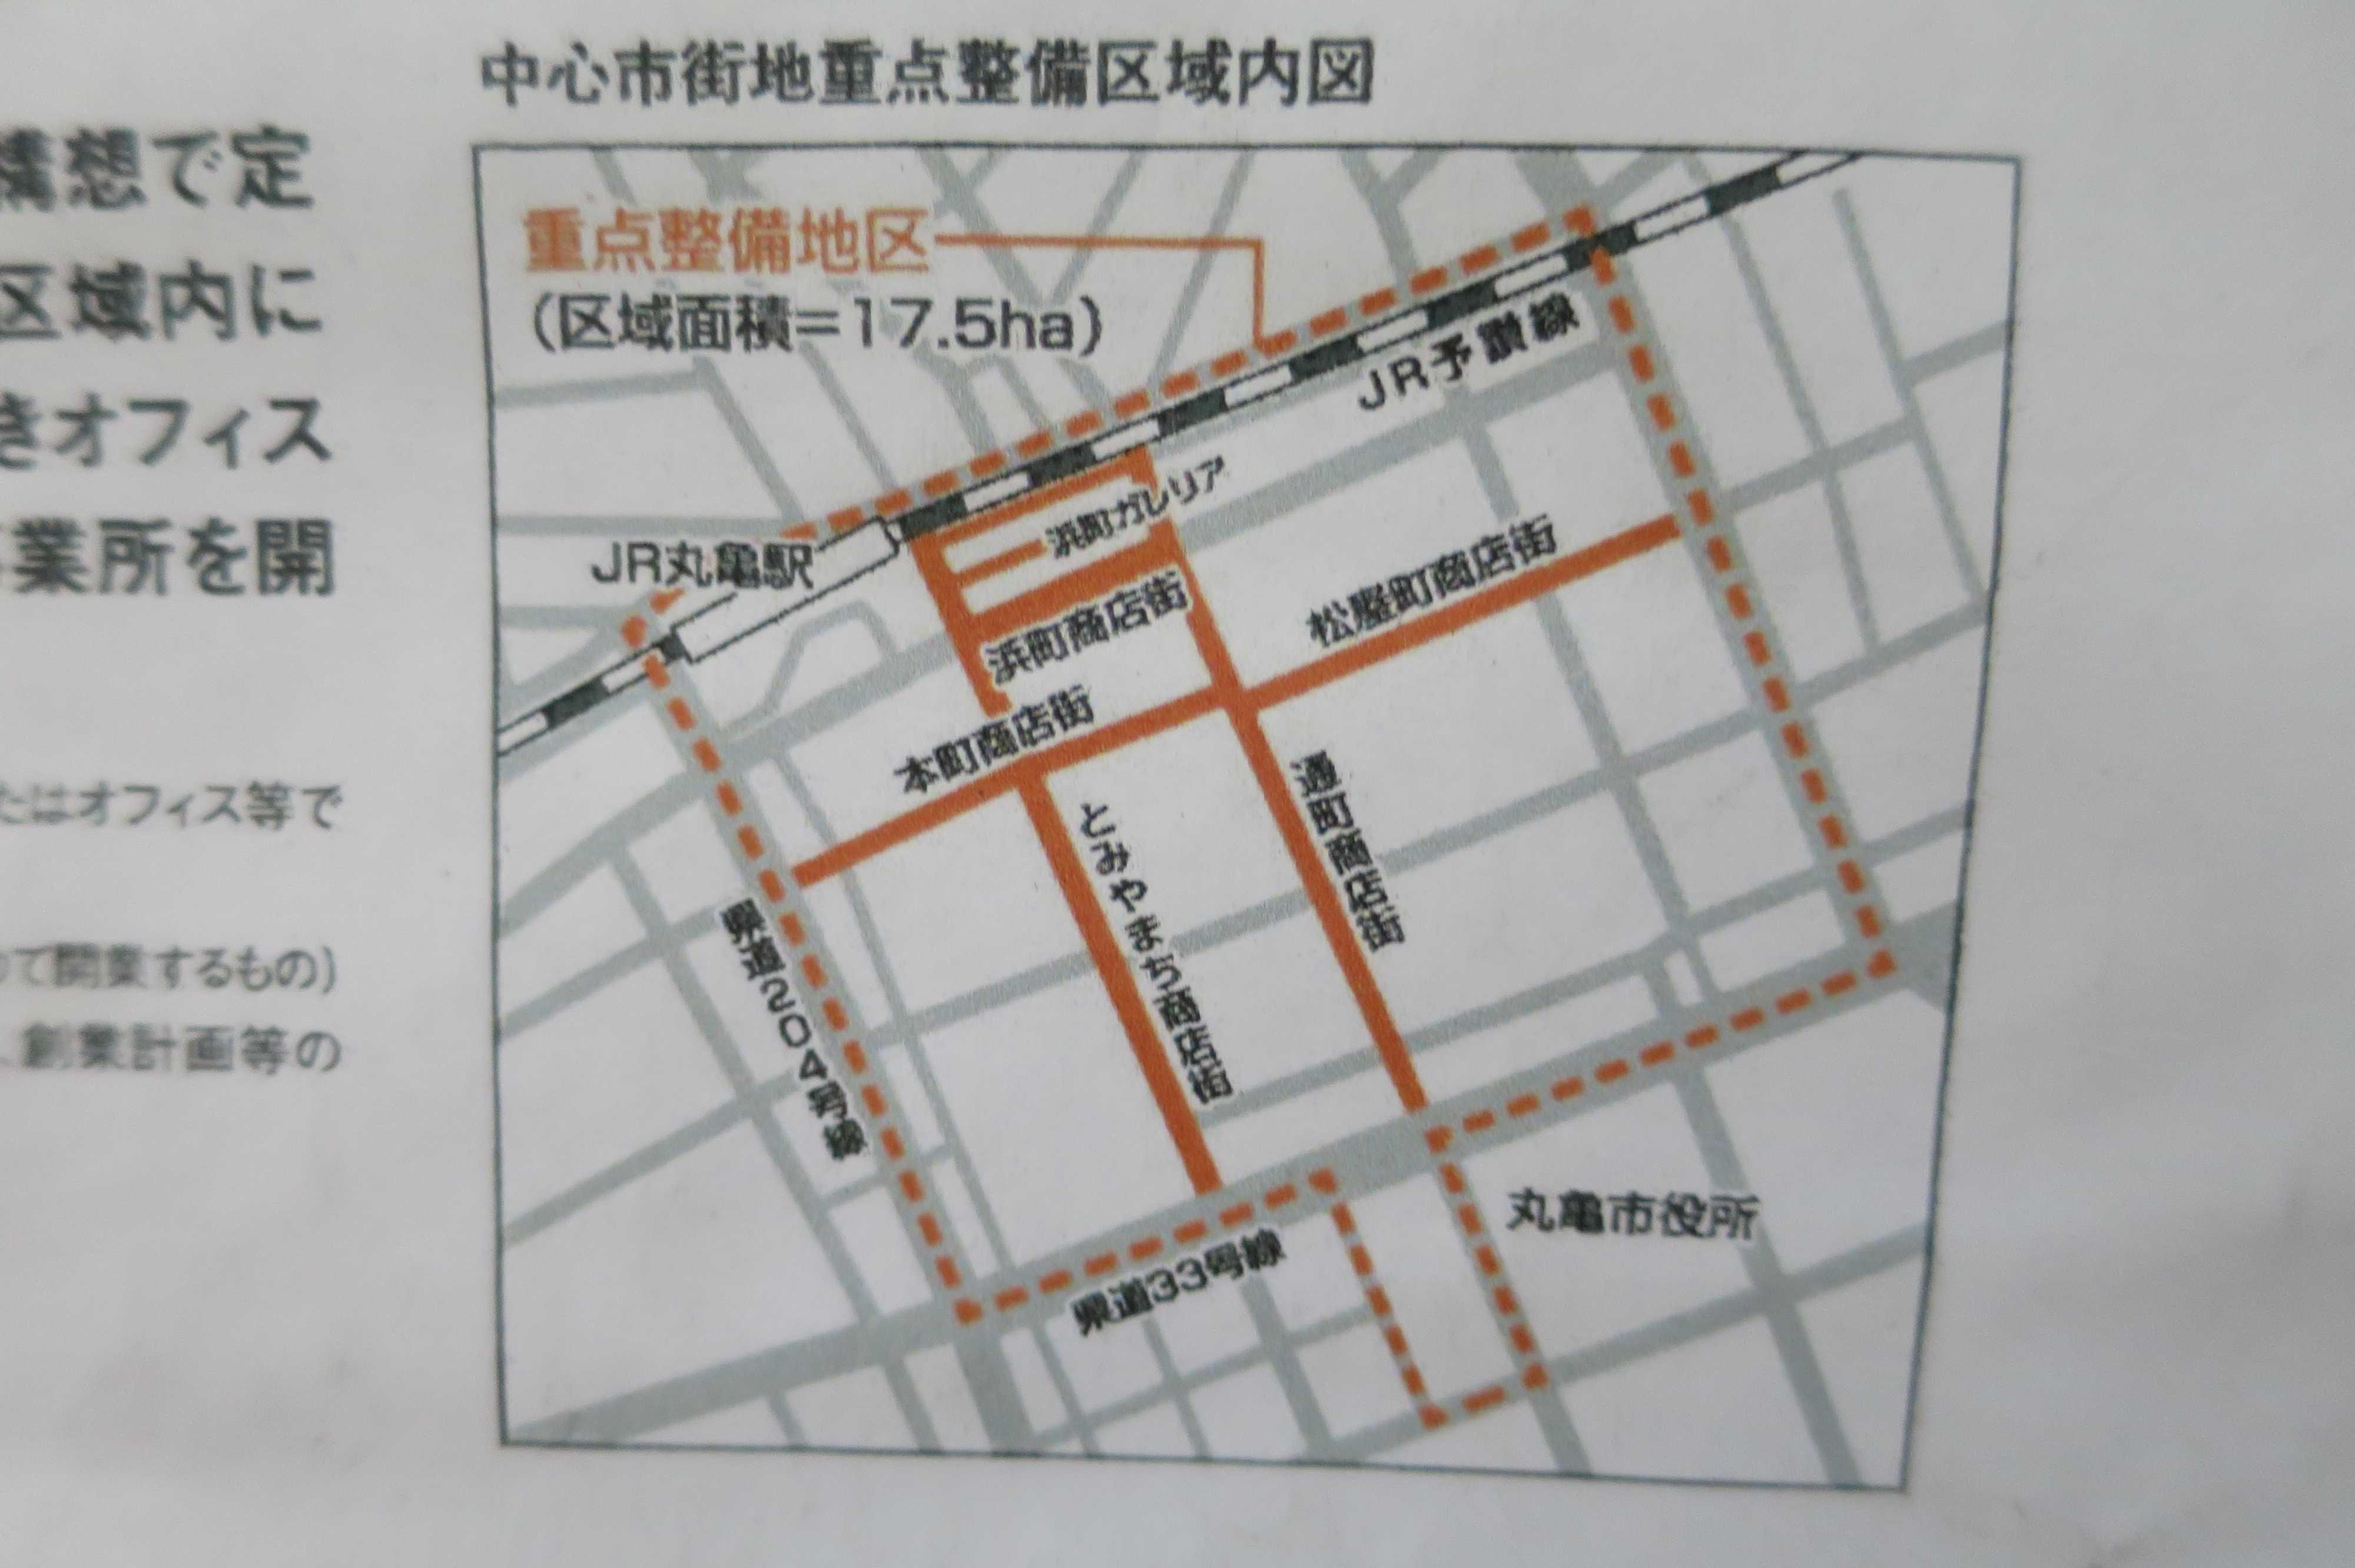 丸亀市 中心市街地重点整備区域内図